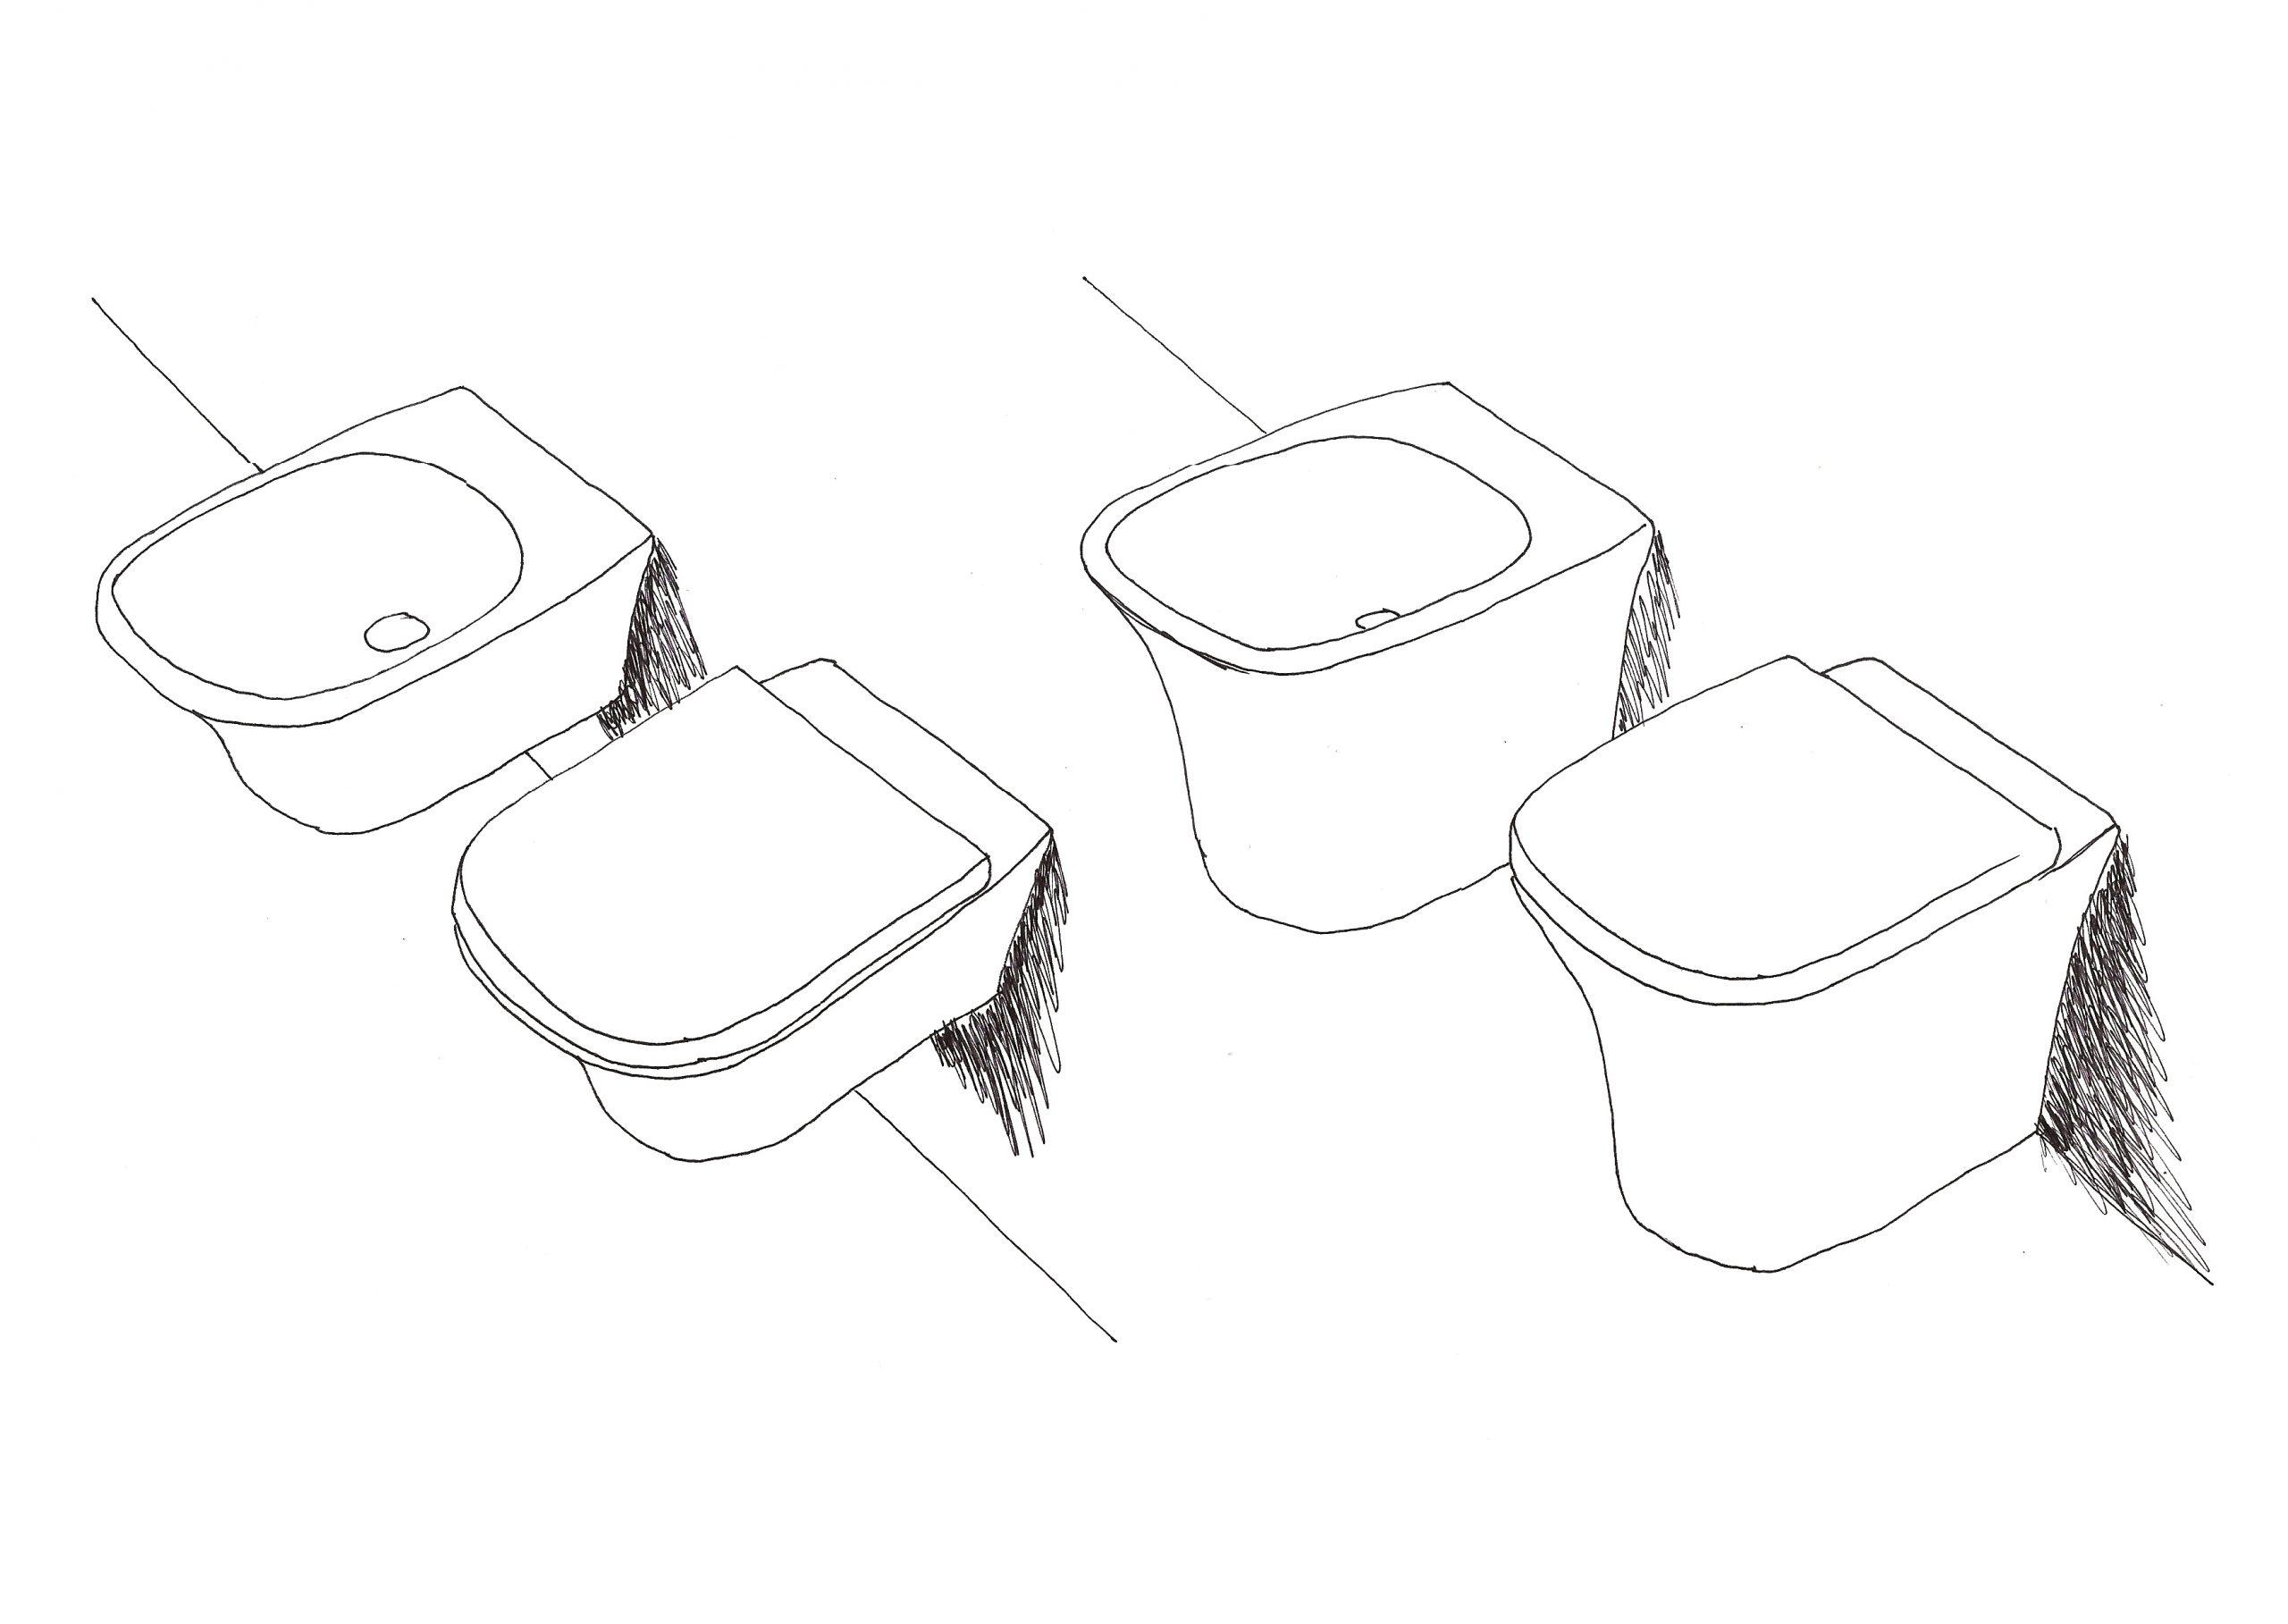 sketch of Cabo sanitaryware by Debiasi Sandri for Antoniolupi, toilet and bidet